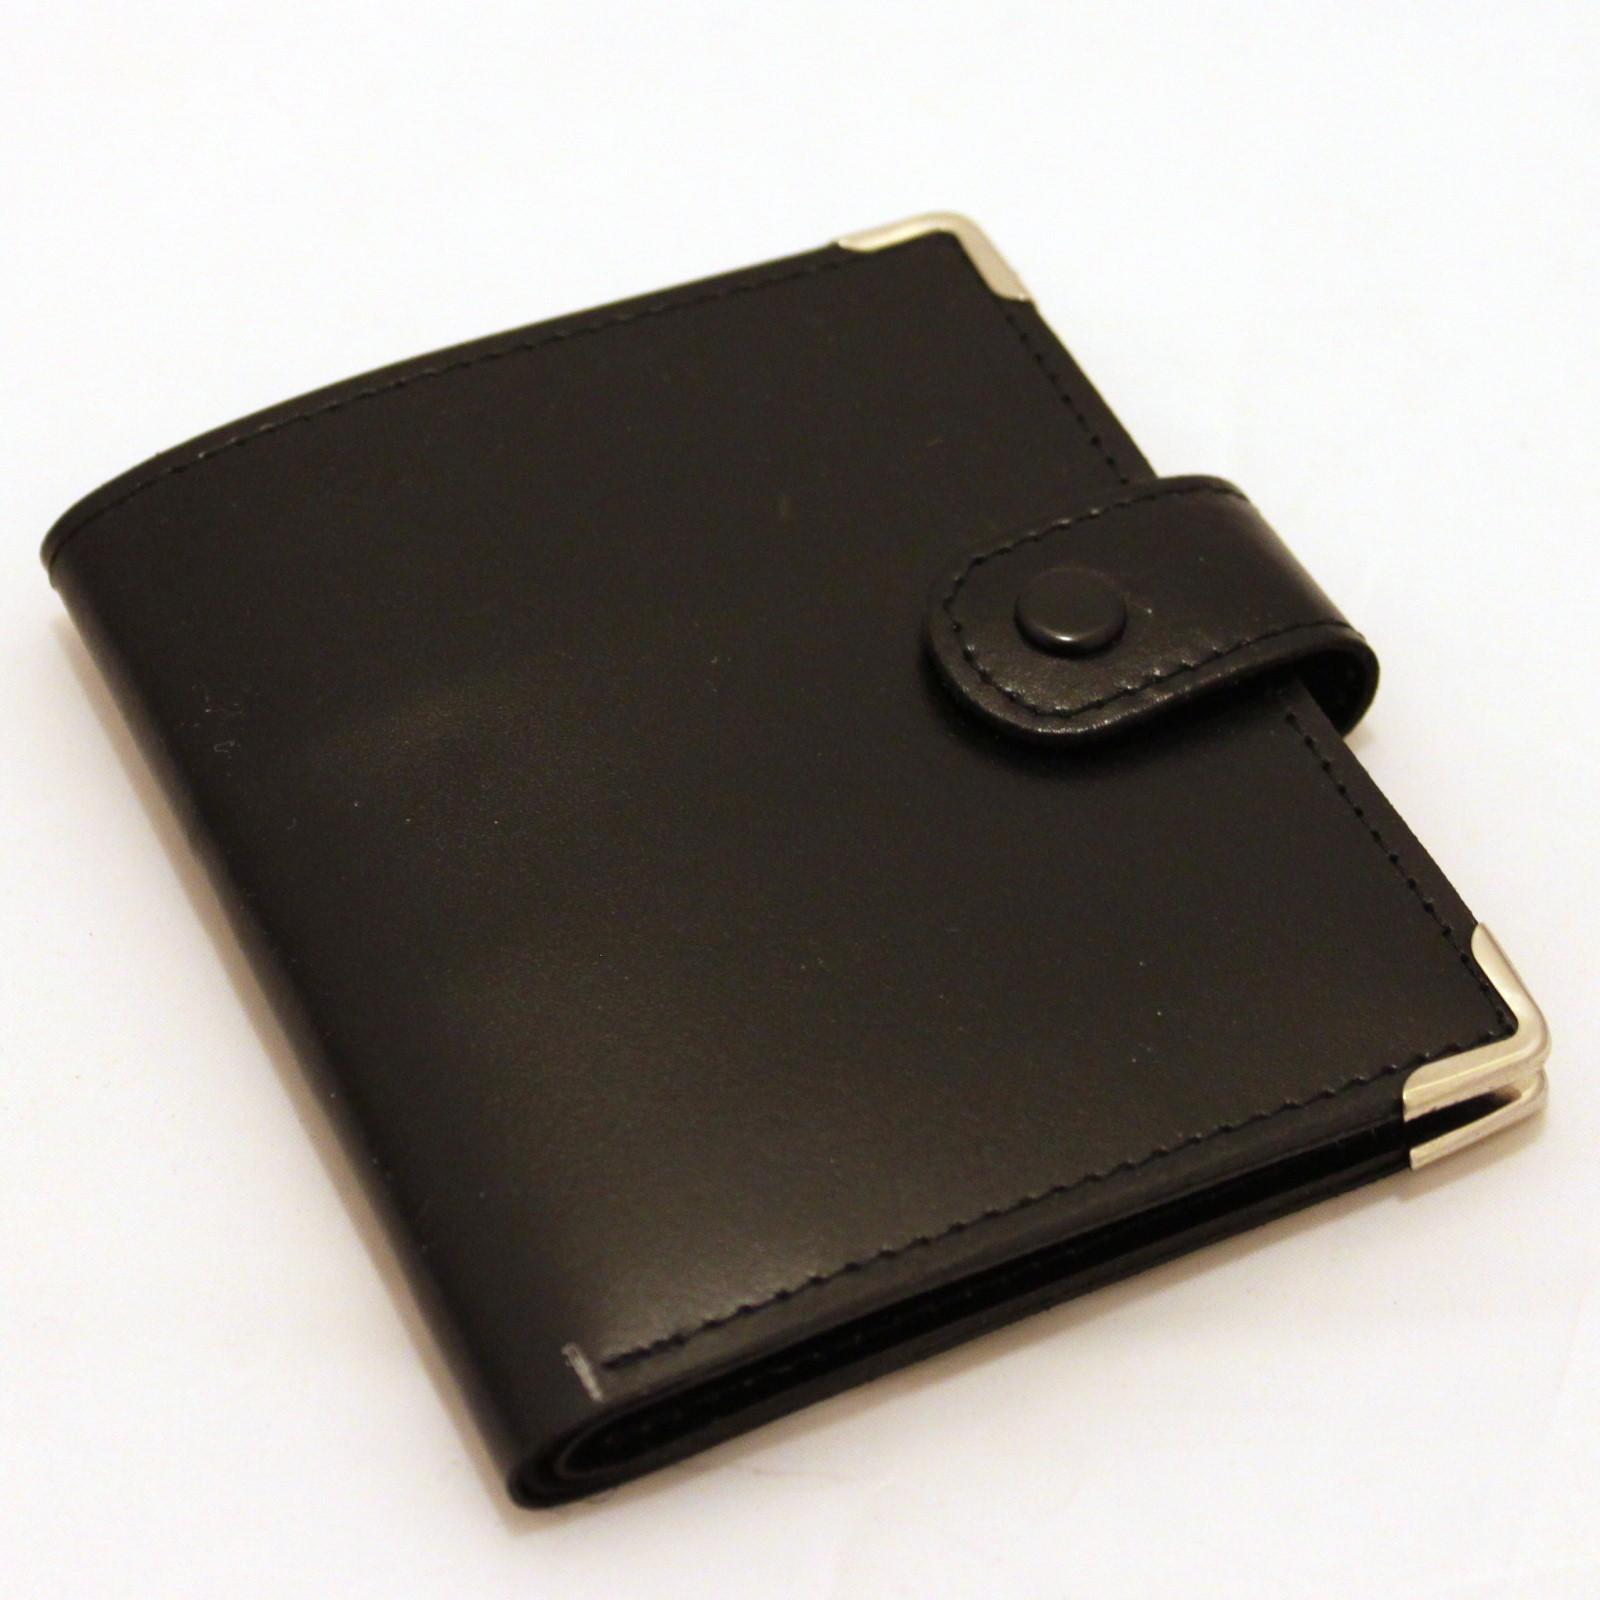 TMI Wallet by Larry Becker